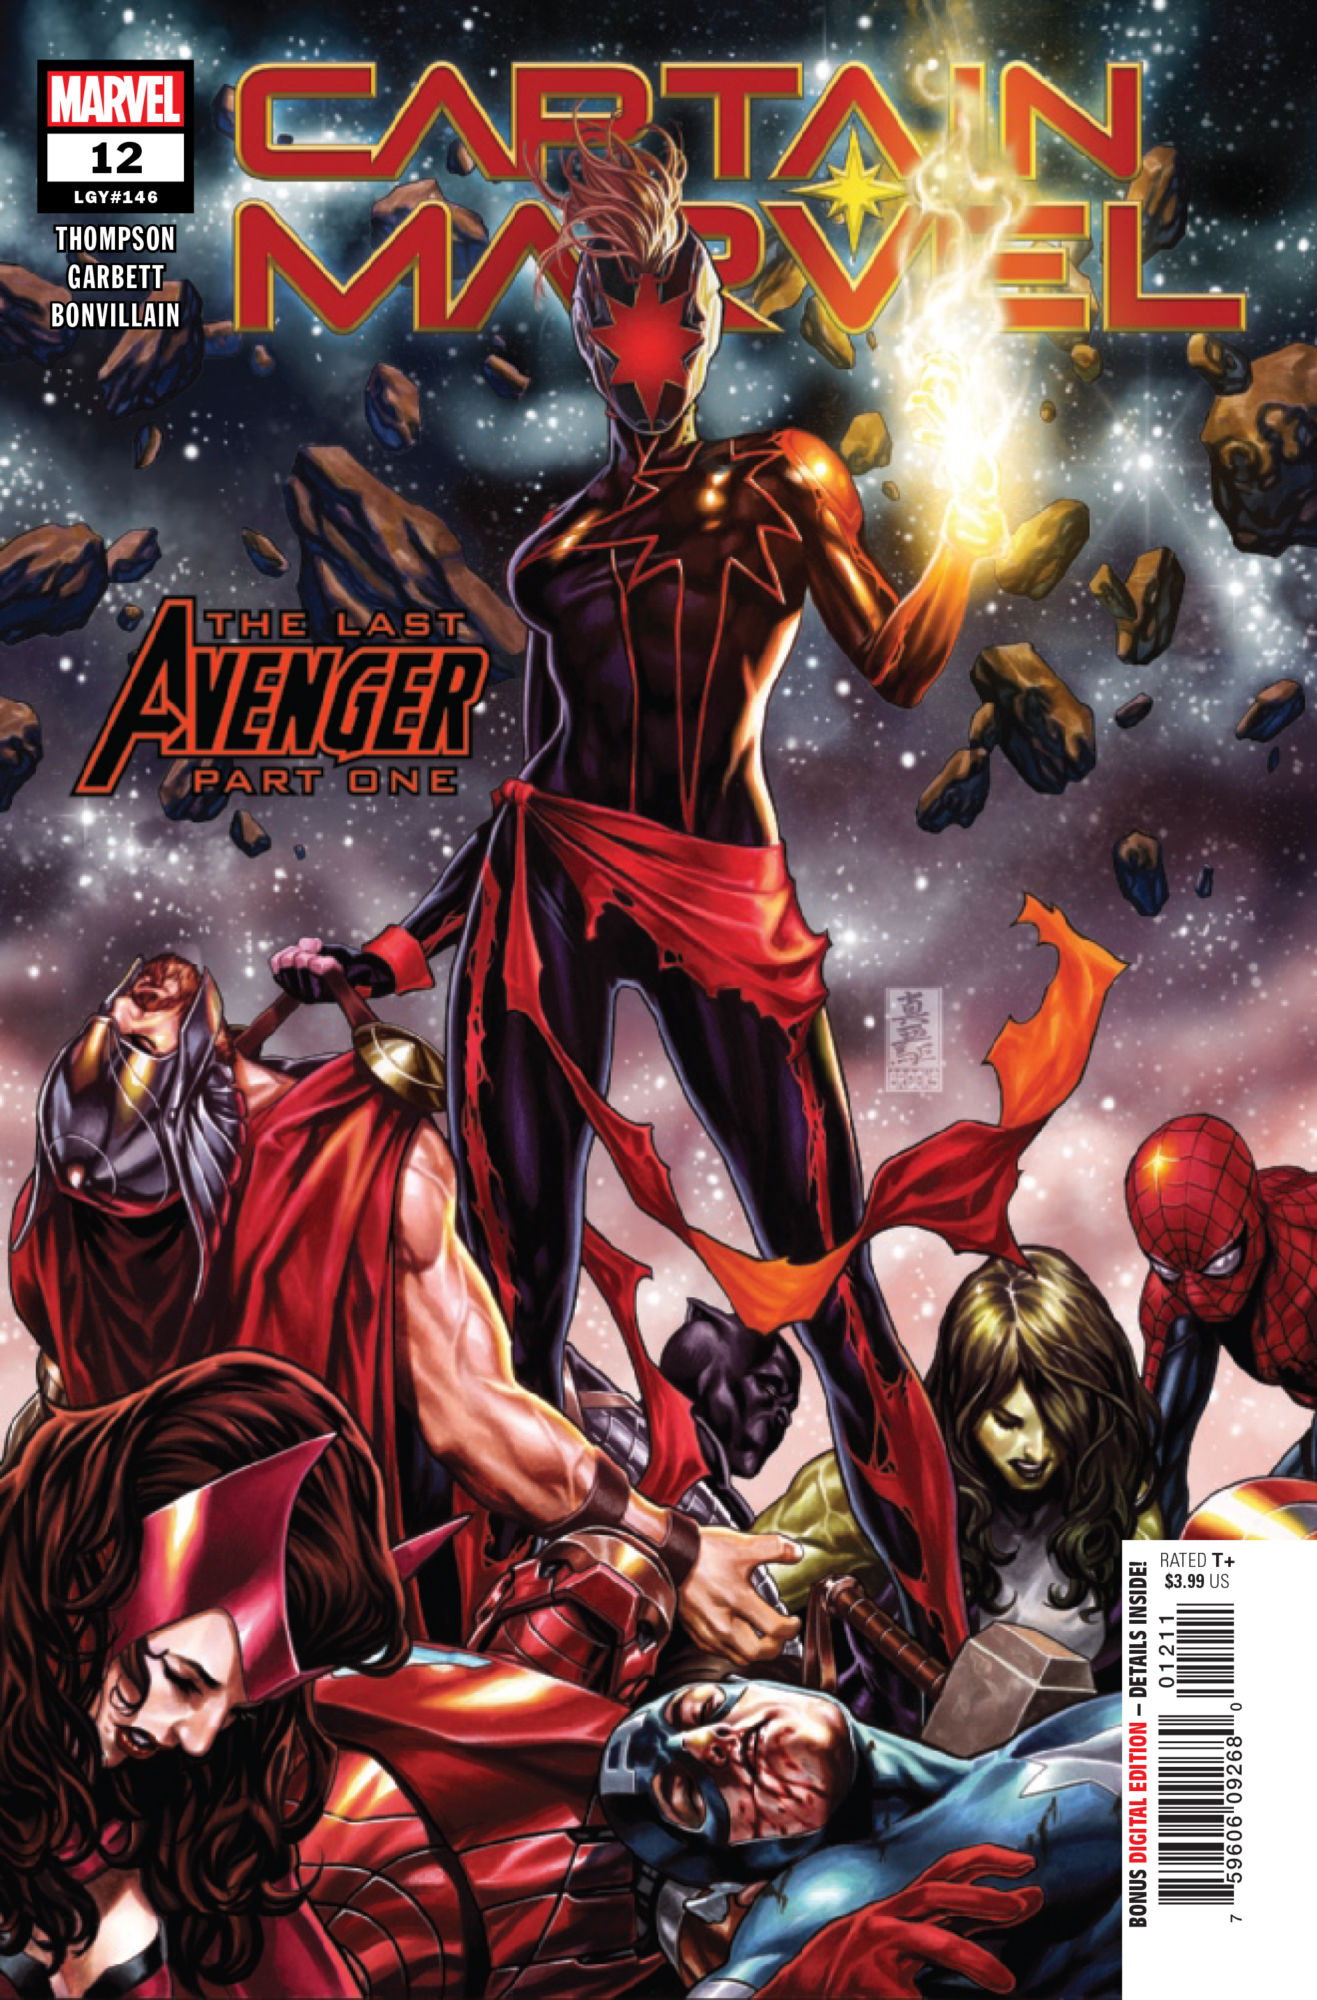 Captain Marvel Kick's Thor's Butt in Captain Marvel #12 [Preview]